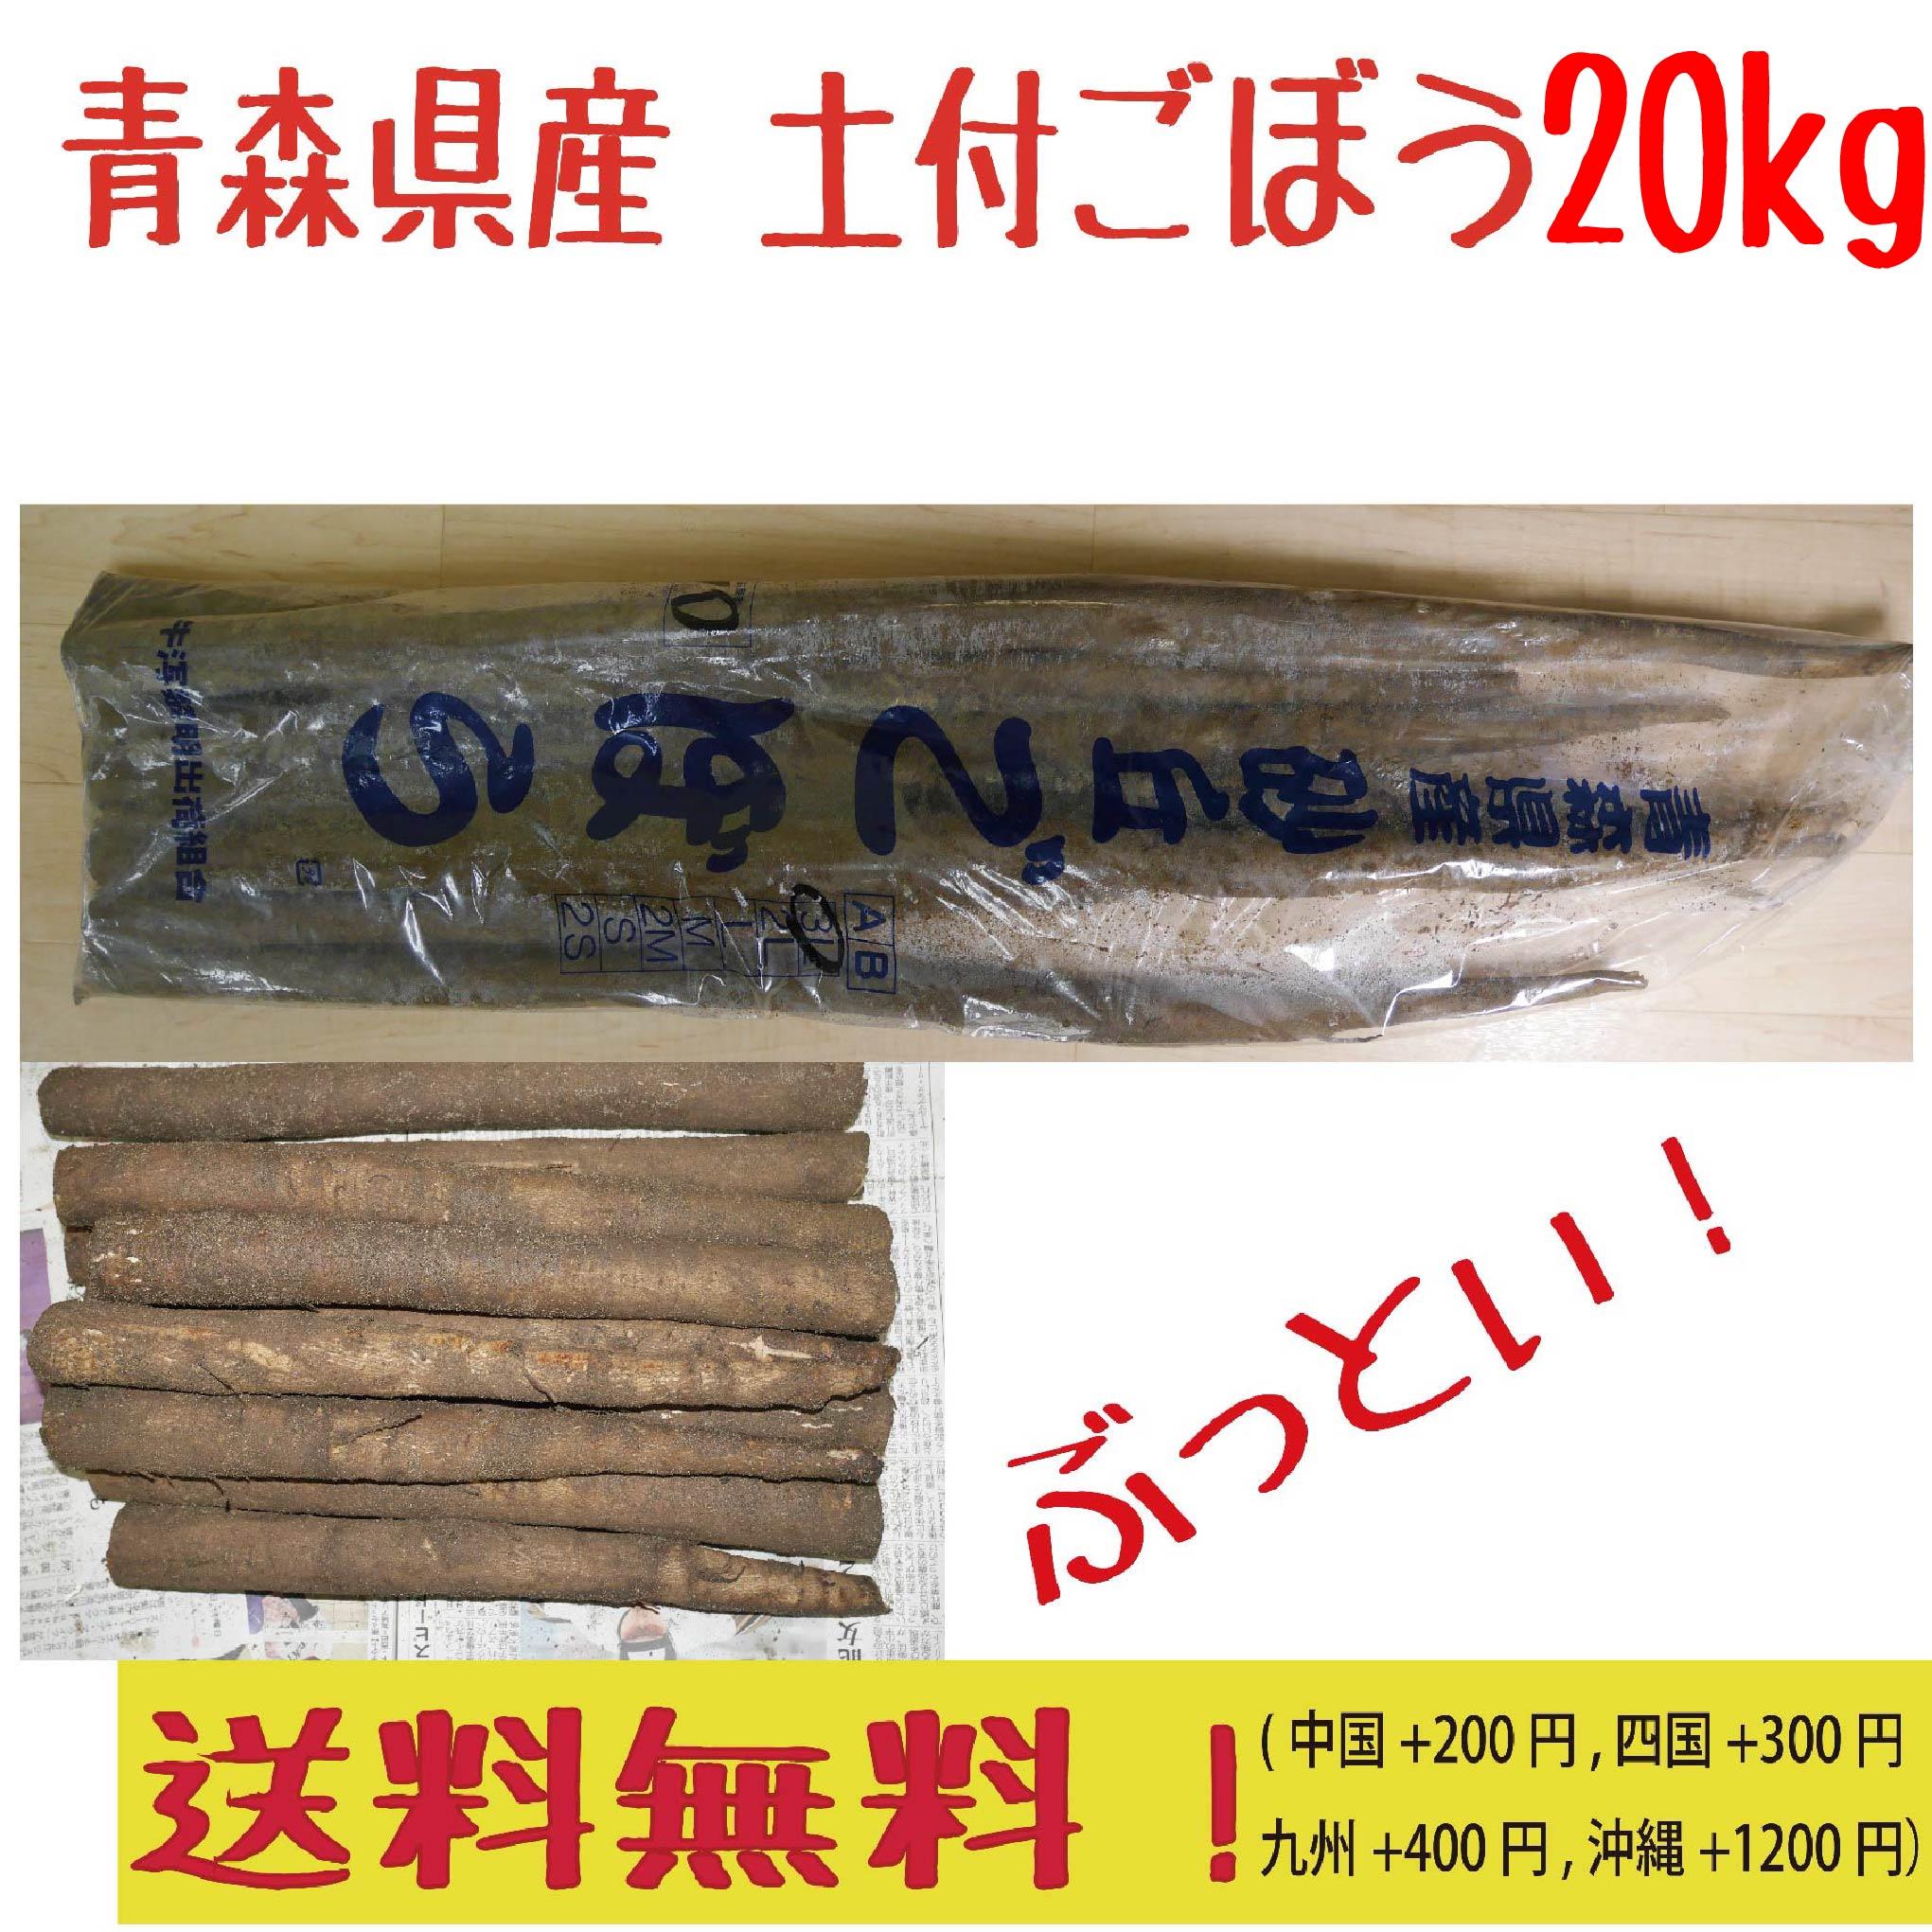 青森県産 車力 高級な 土付き 砂丘ごぼう 通販 20kg 送料無料 3L